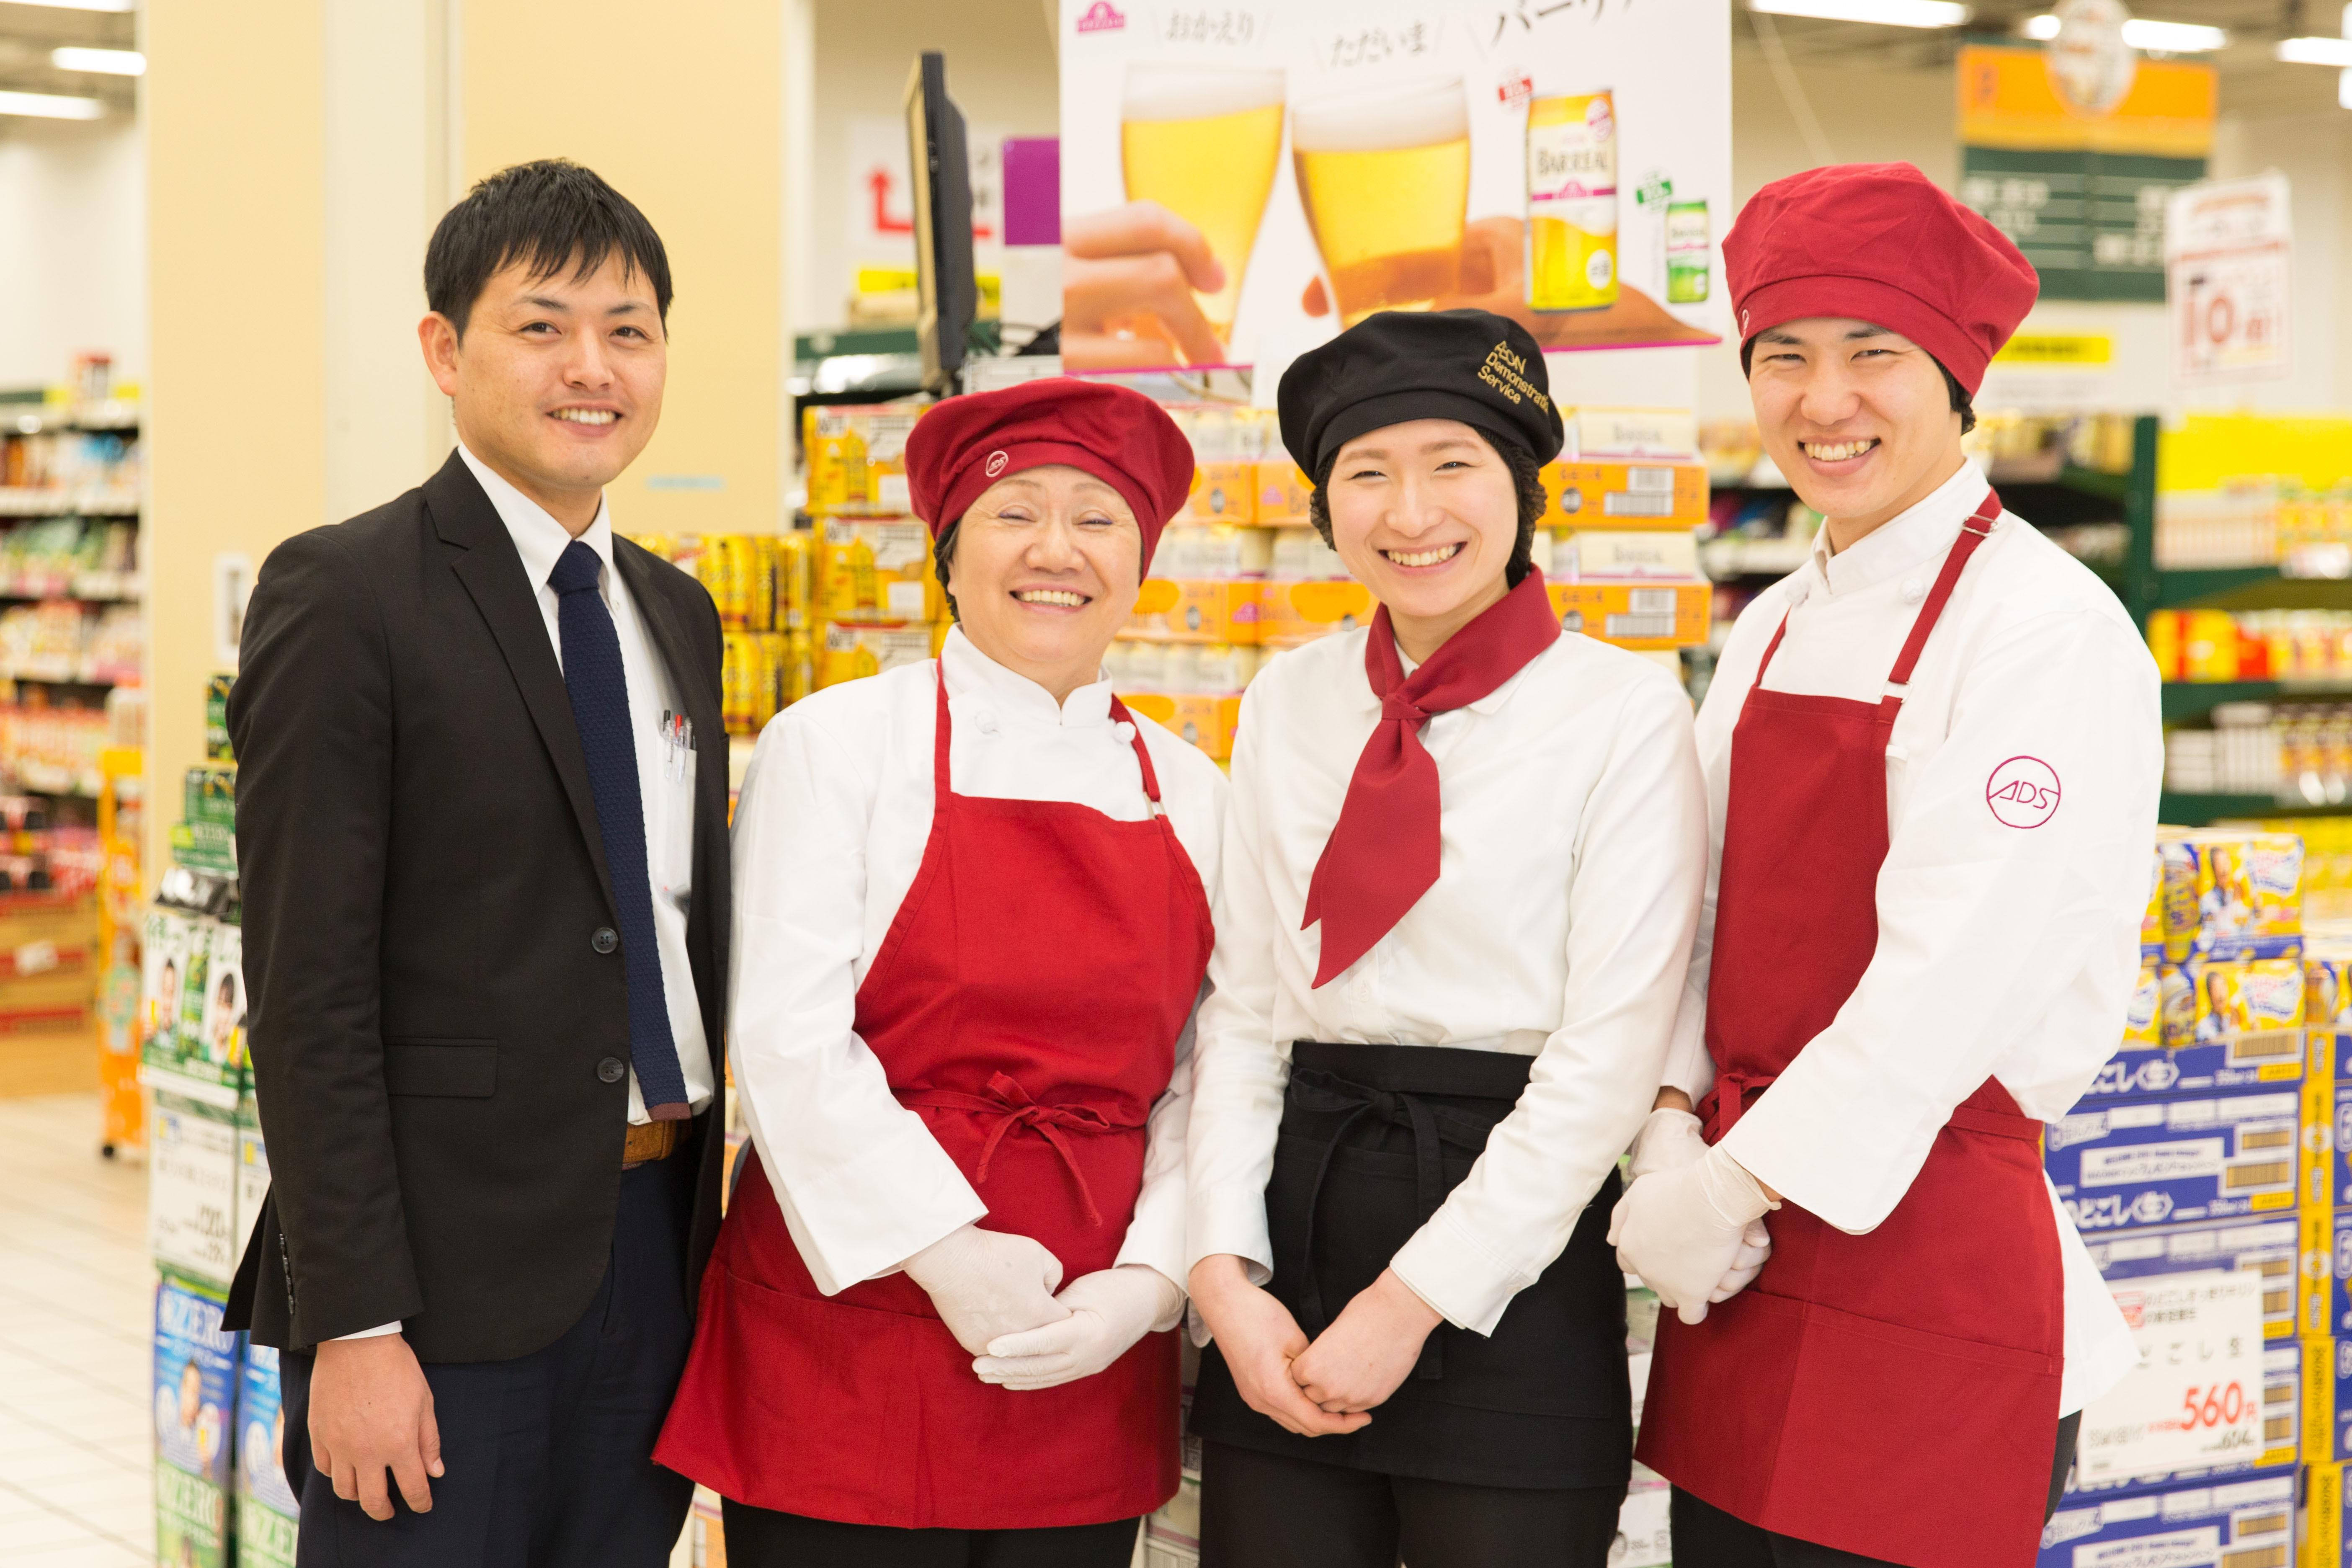 イオン 仙台幸町店 のアルバイト情報